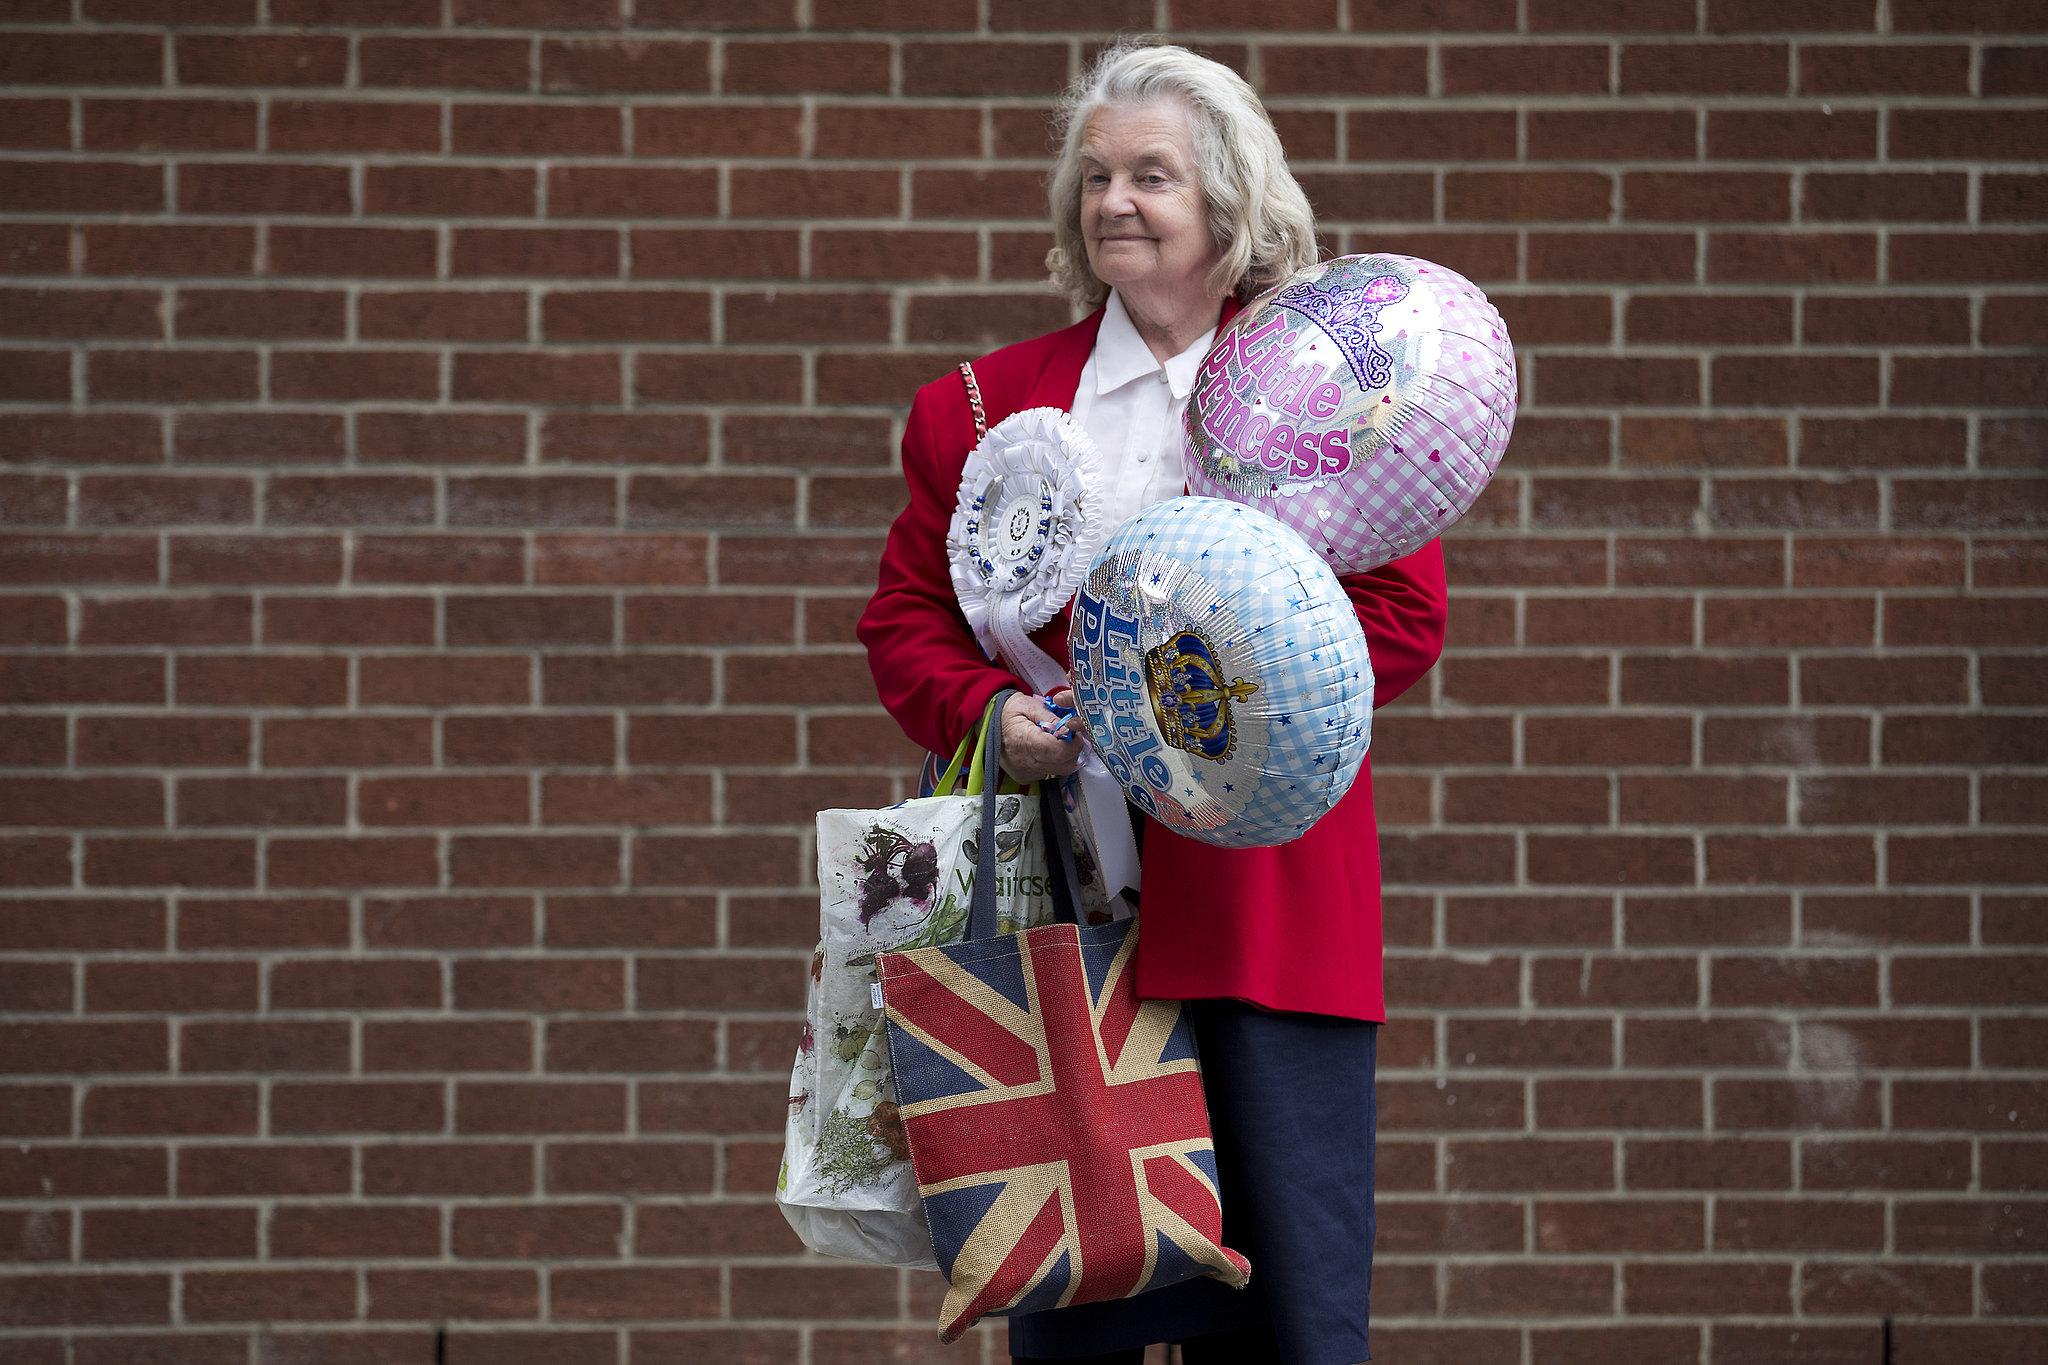 A royal fan stood outside the hospital.